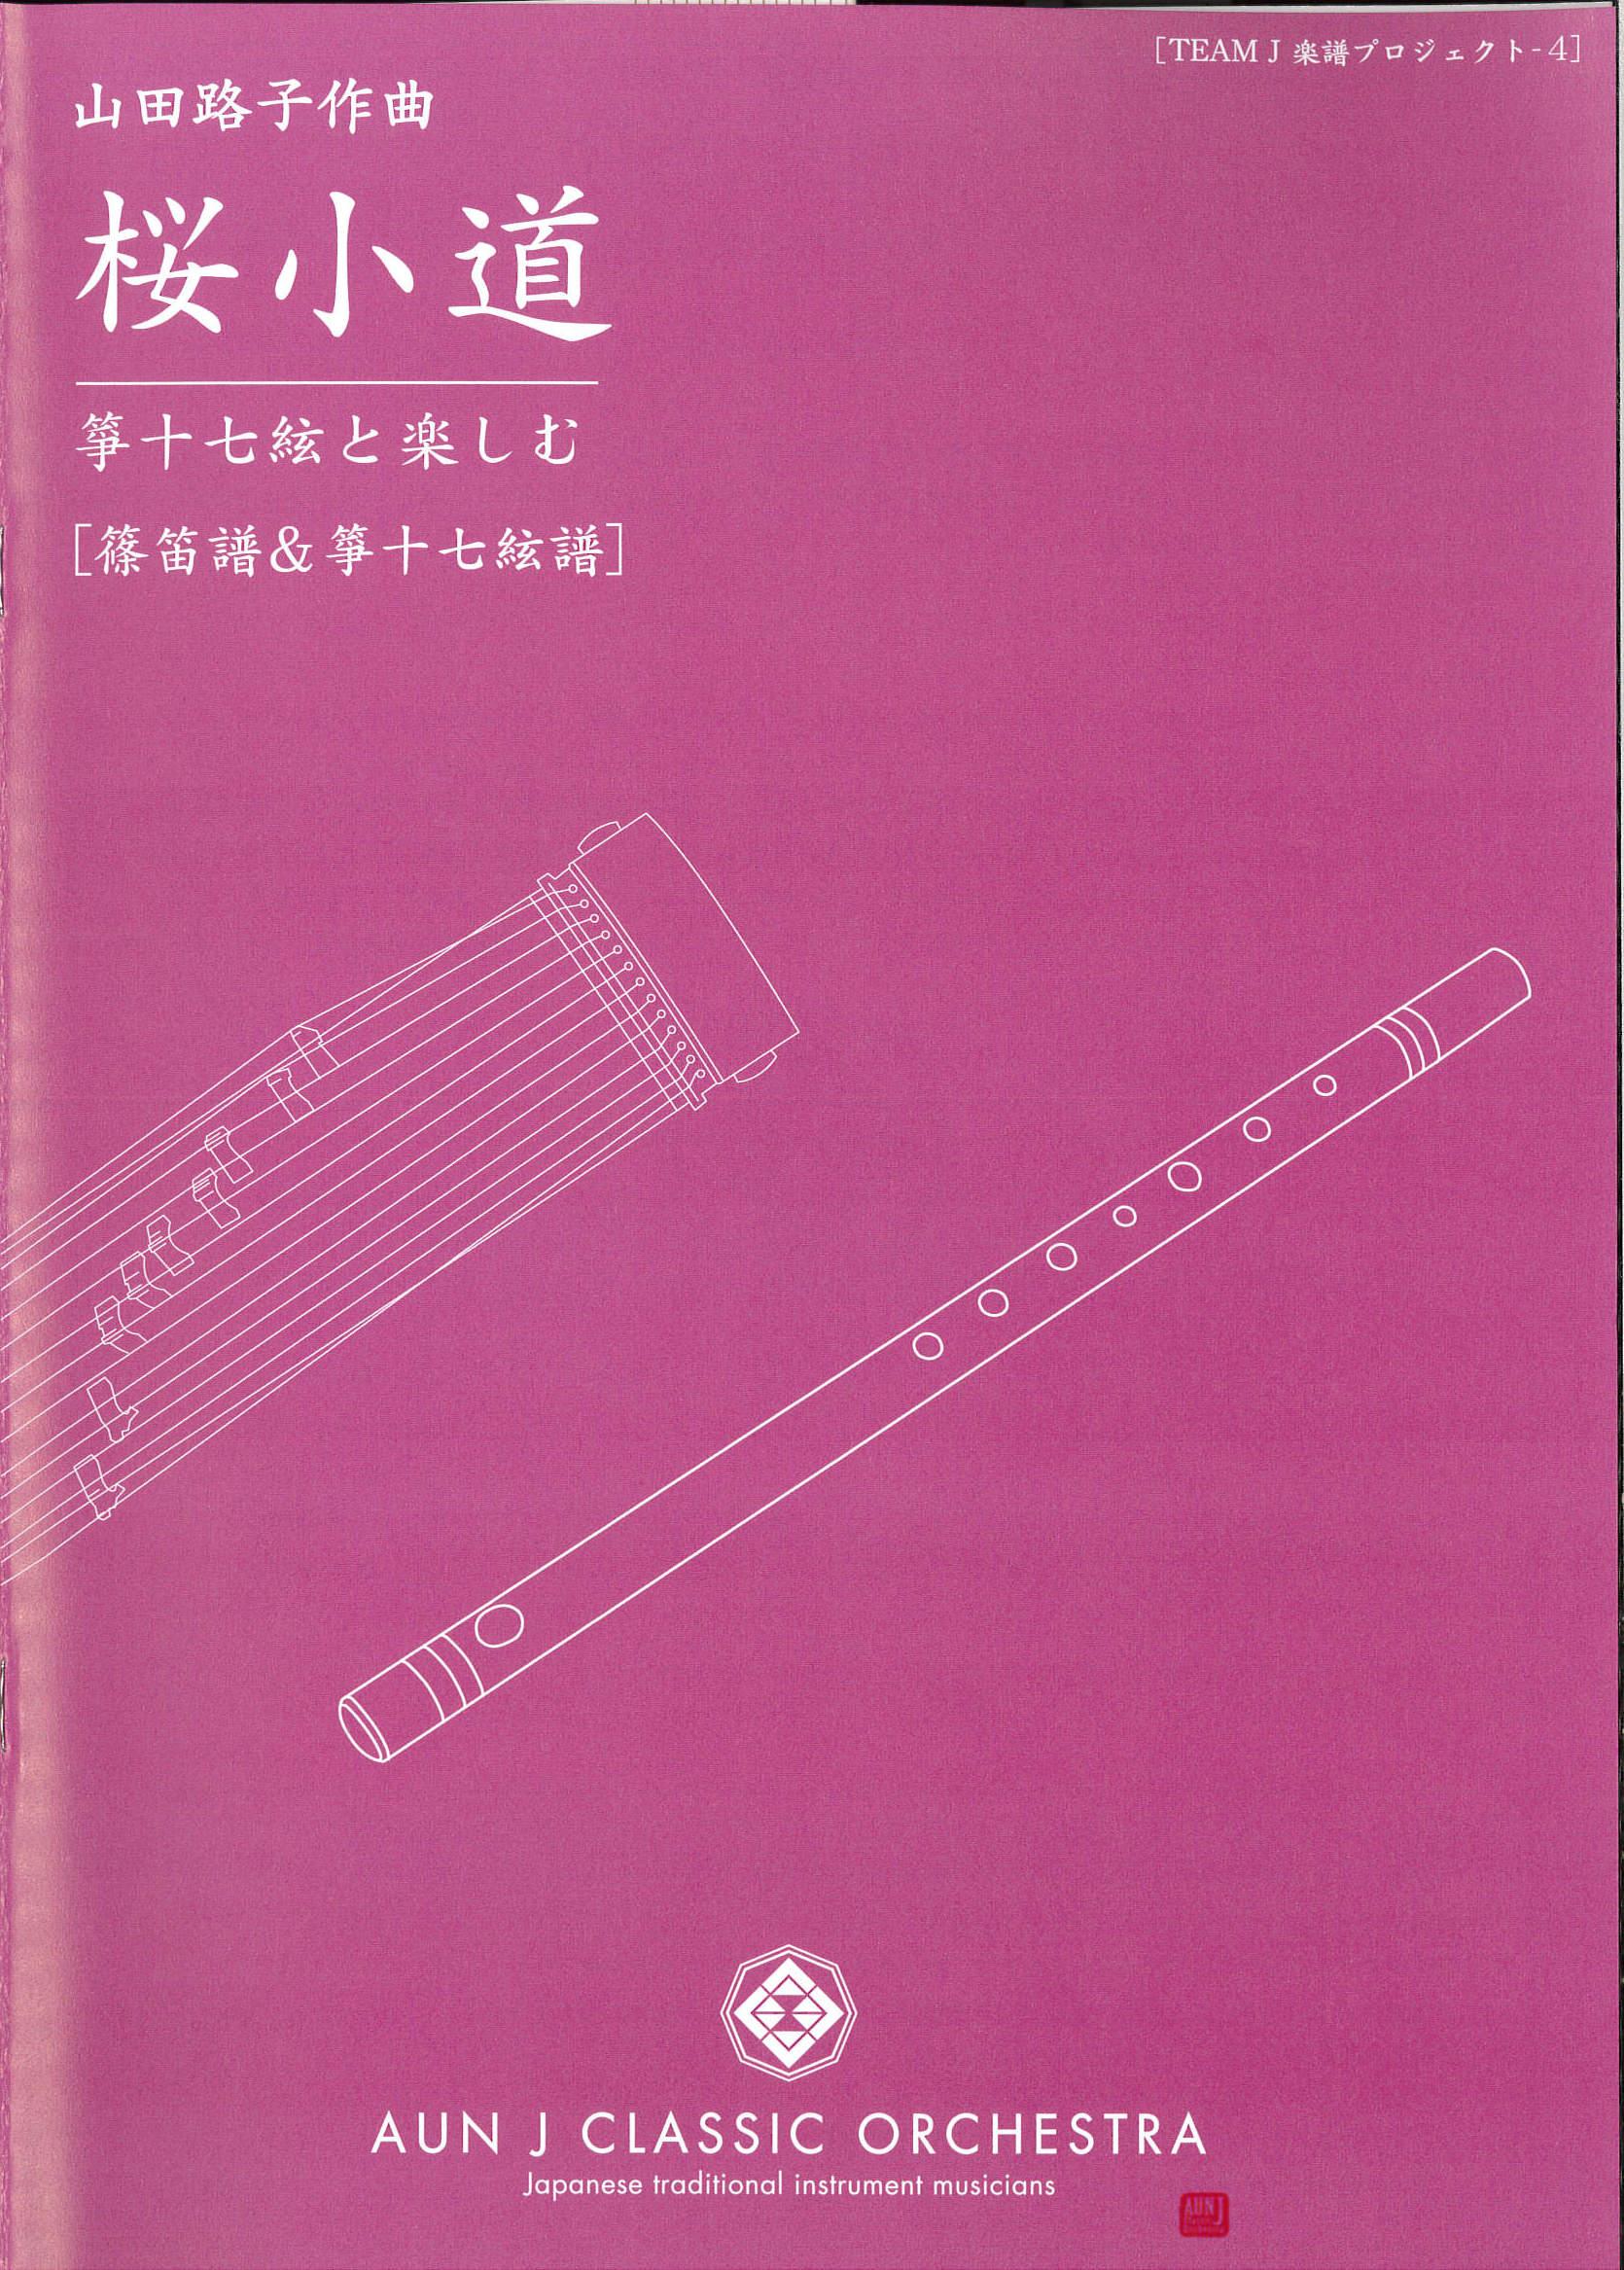 楽譜 桜小道─箏十七絃と楽しむ[5695]